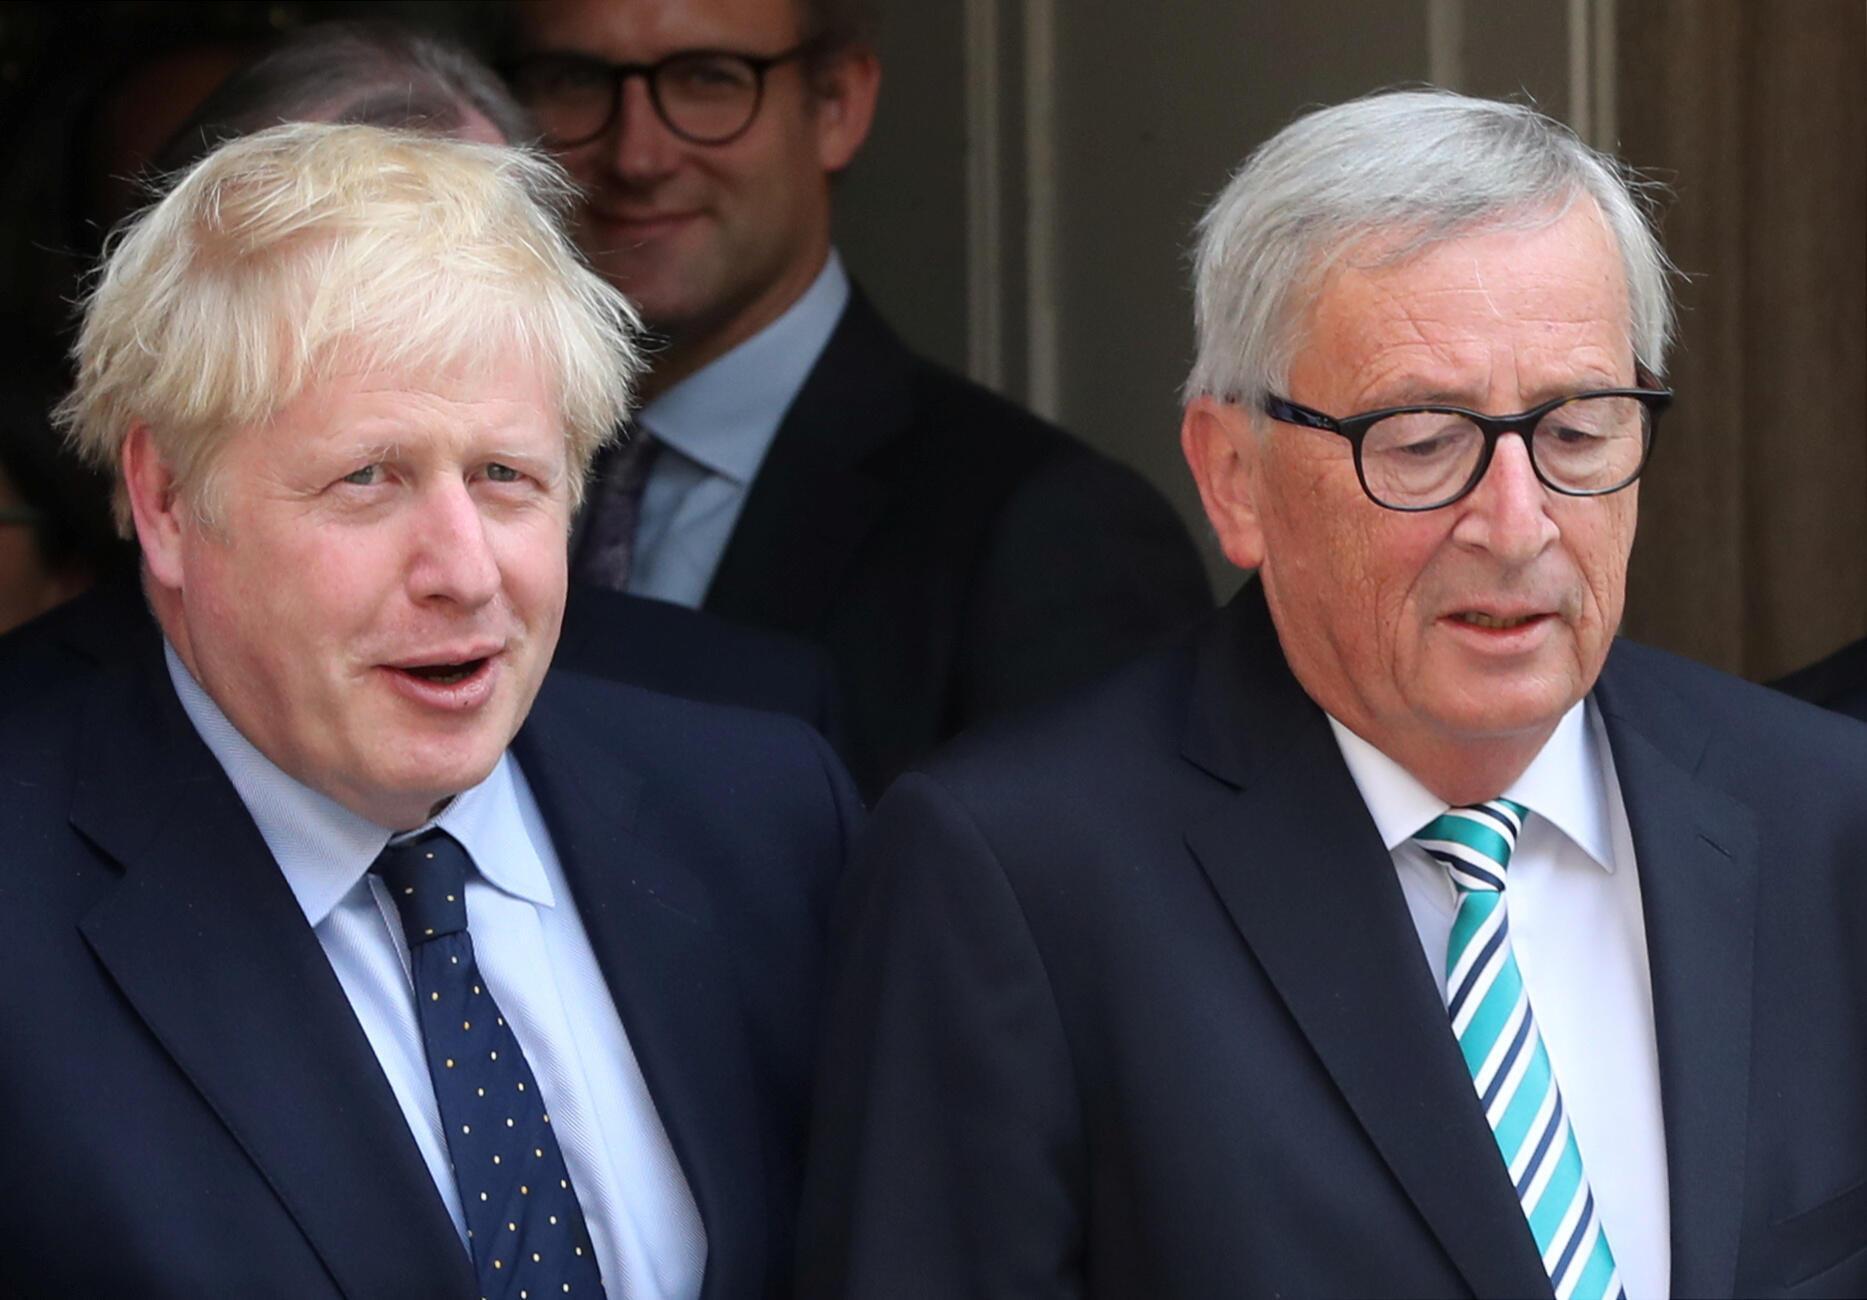 Boris Johnson et Jean-Claude Juncker après leur rencontre, le 16 septembre 2019, à Luxembourg.